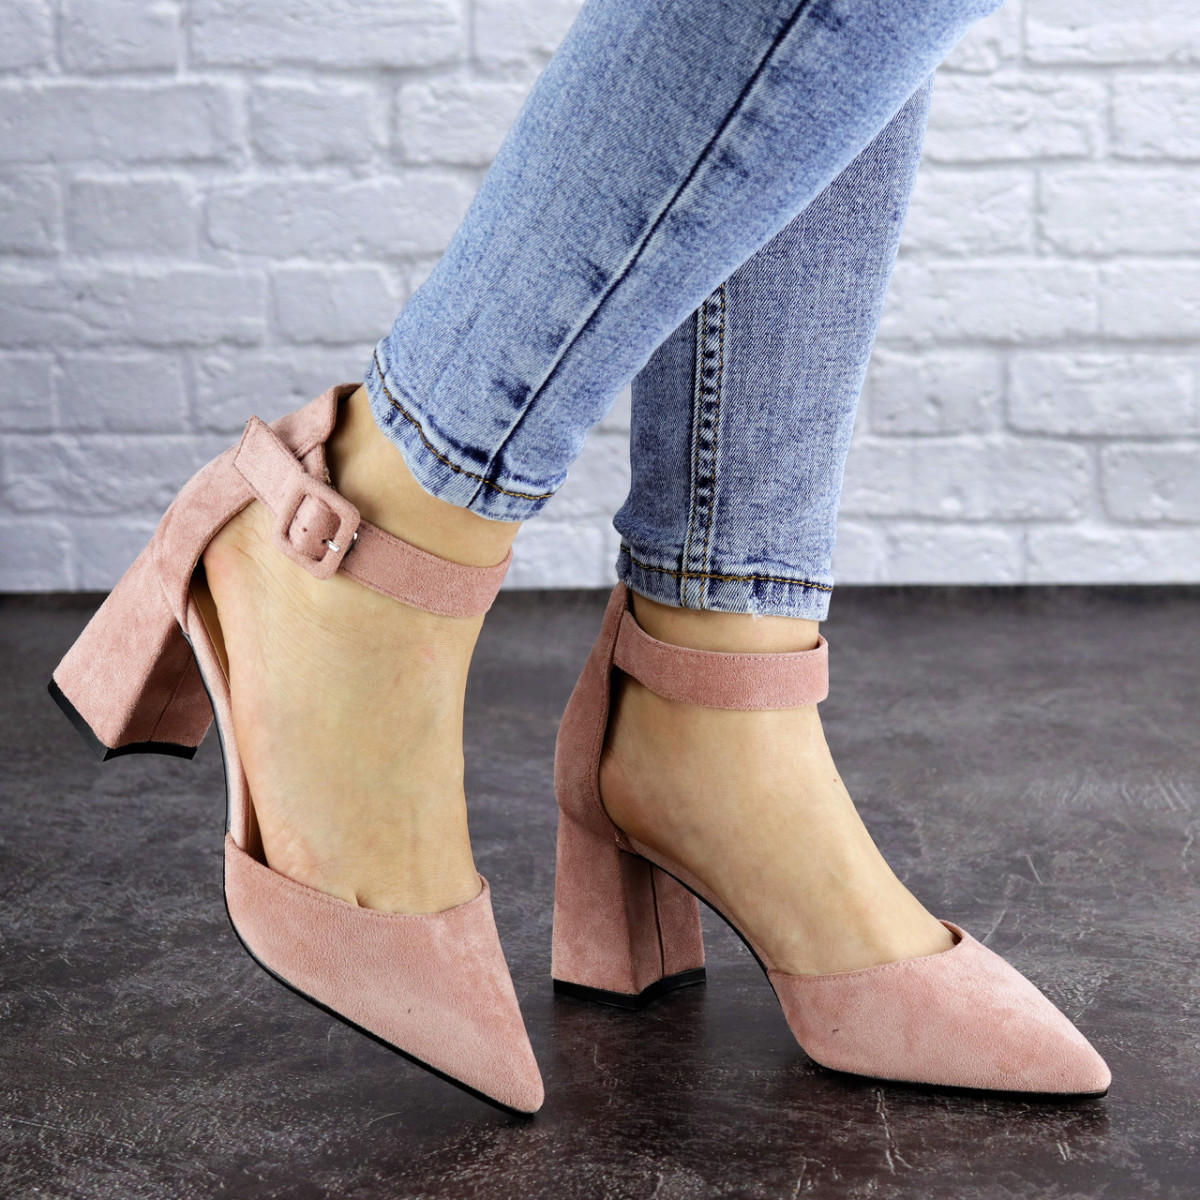 Женские туфли на каблуке Fashion Hoagie 1943 39 размер 25,5 см Розовый